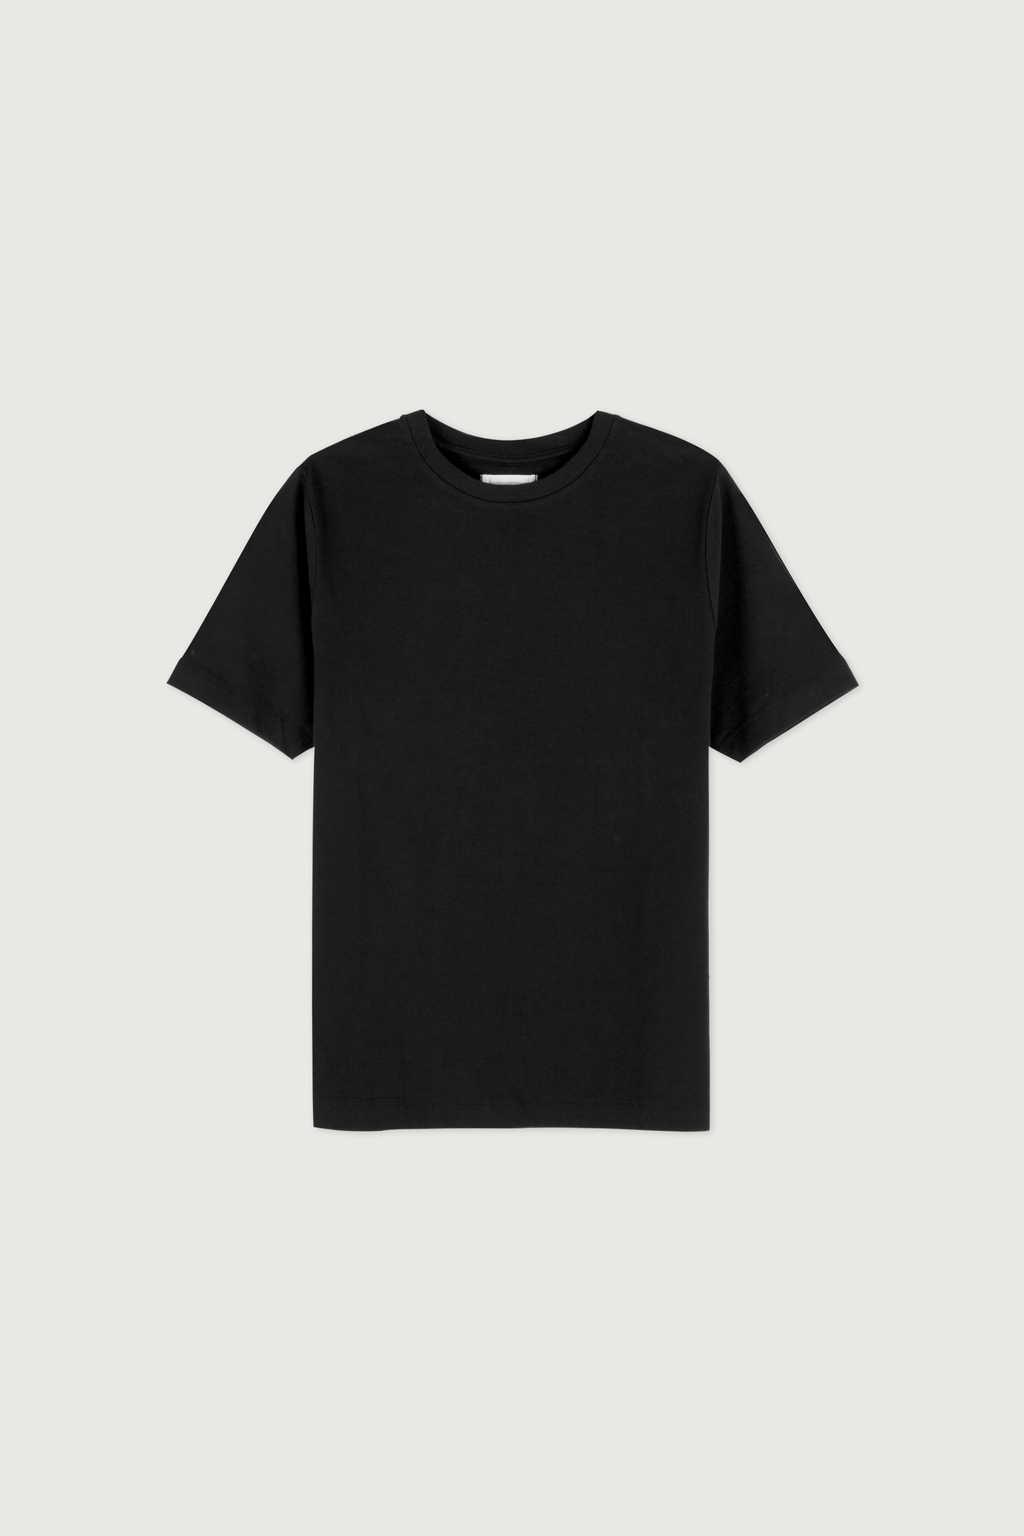 TShirt 3058 Black 10